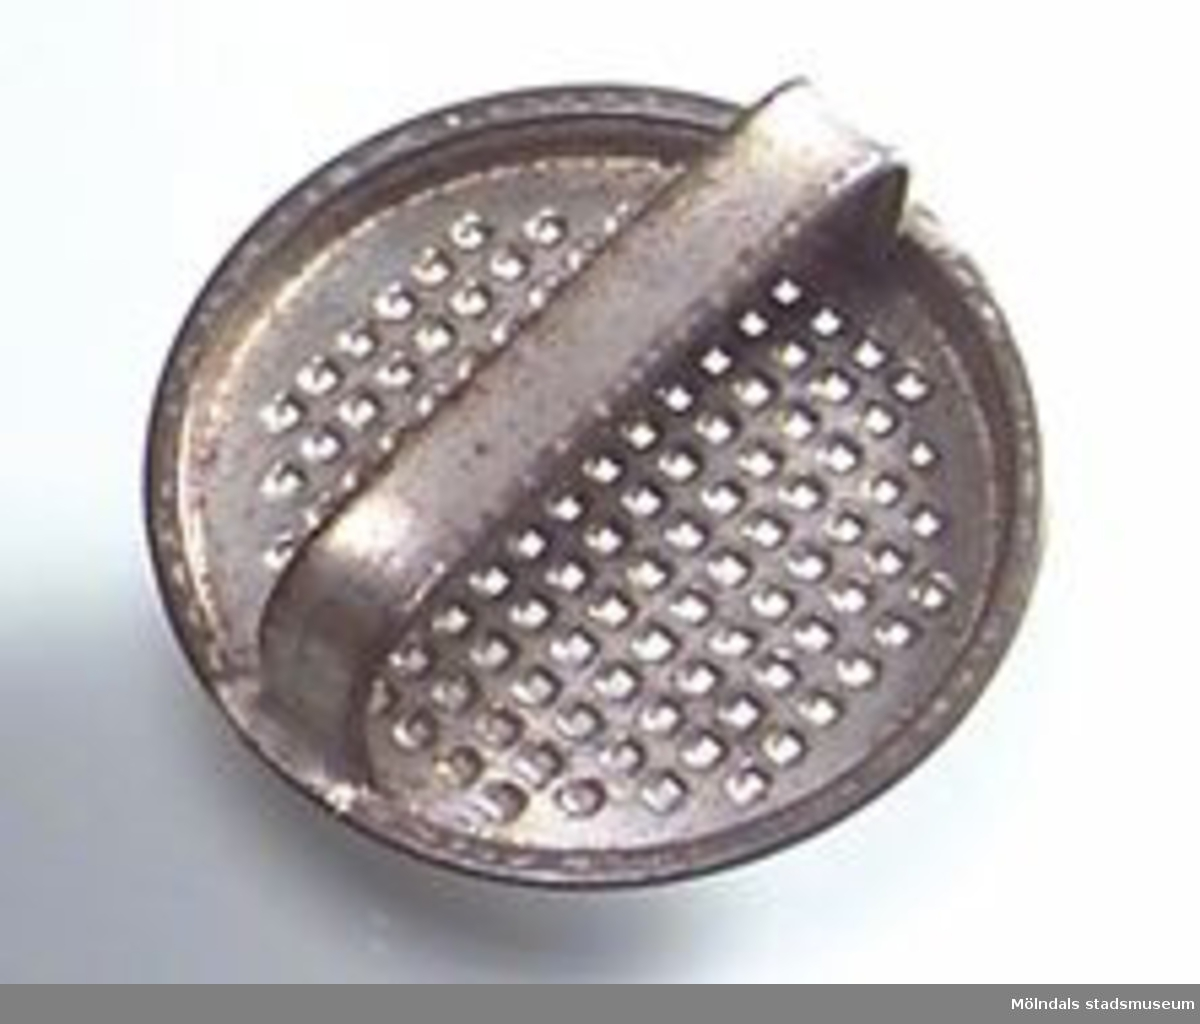 Rivjärn av bleckplåt, utformat som ett runt lock med ett handtag över.